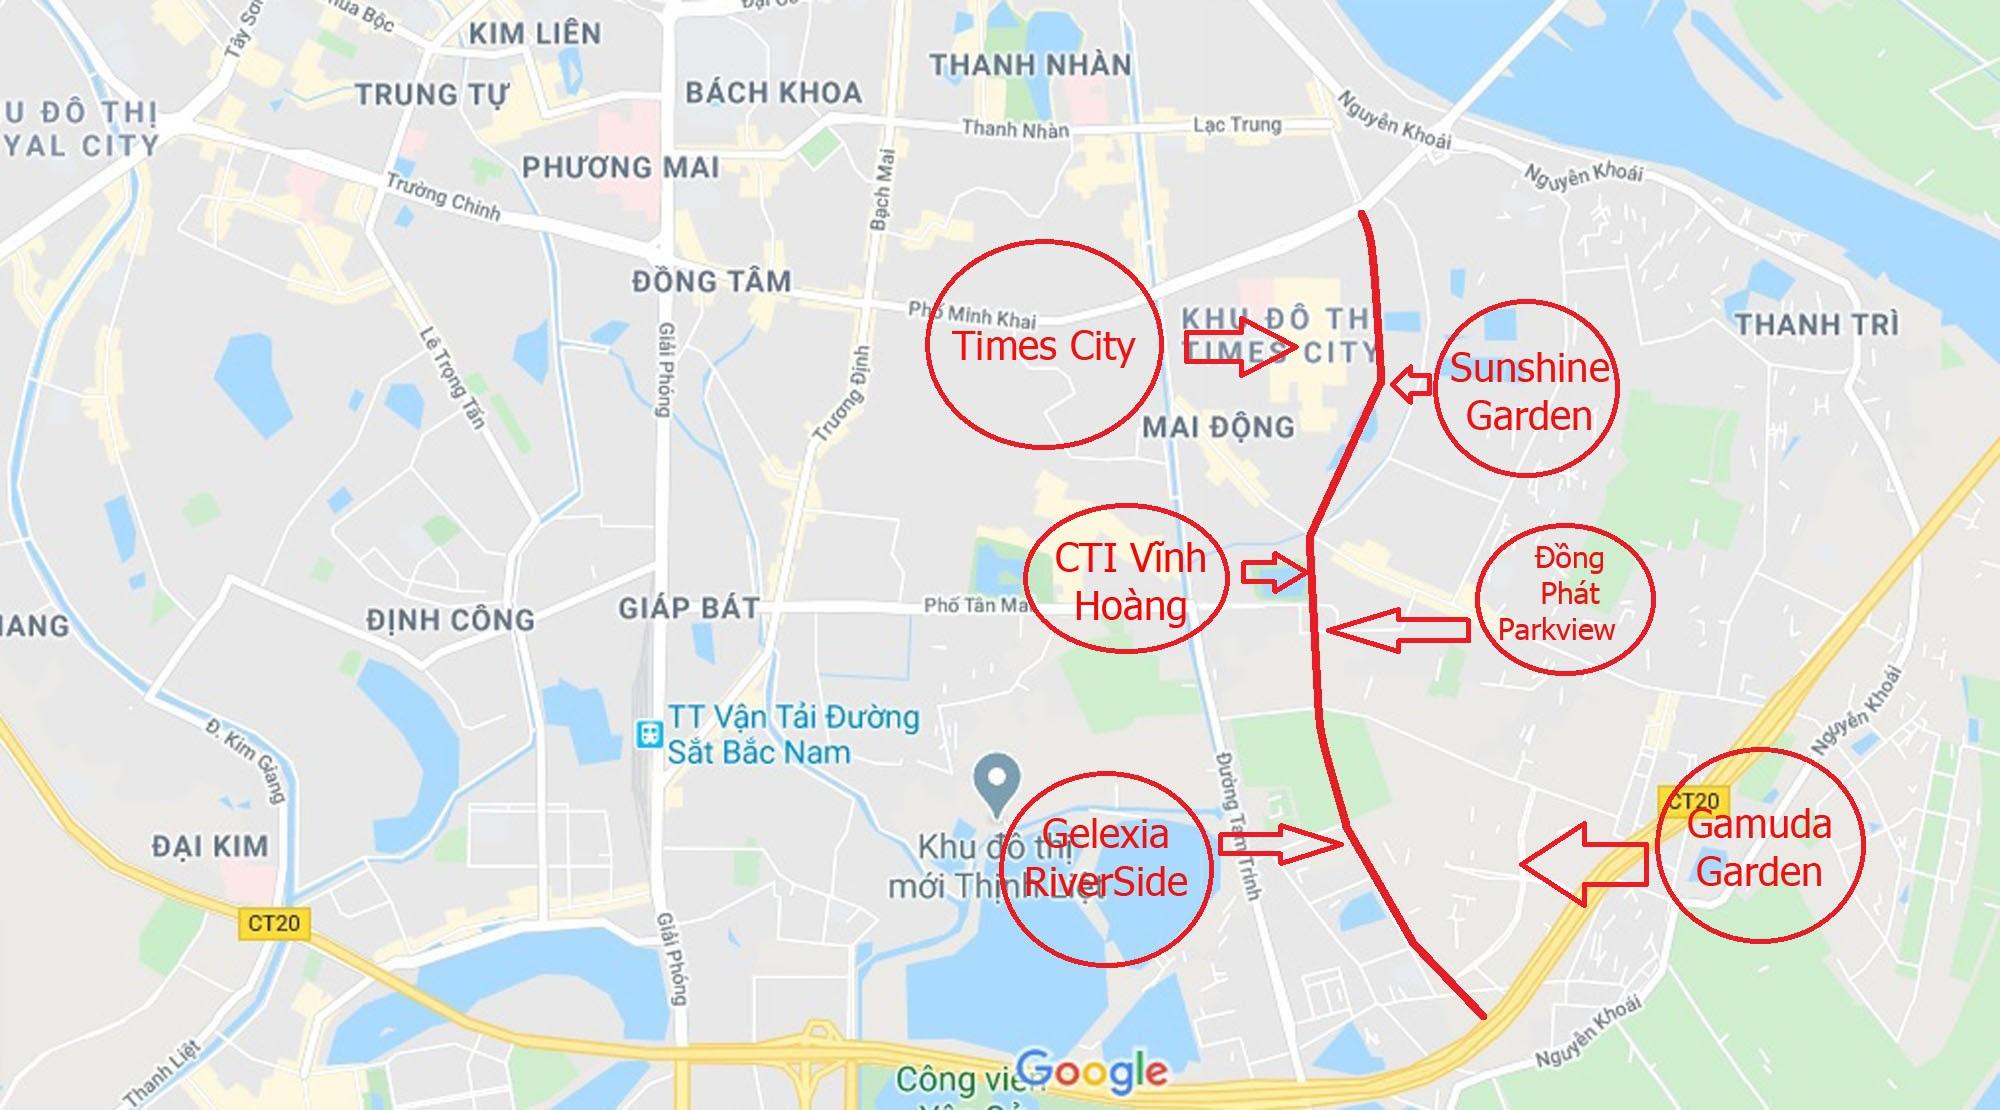 Khu Nam Hà Nội 'phá kén' với những cú bật hạ tầng - Ảnh 5.